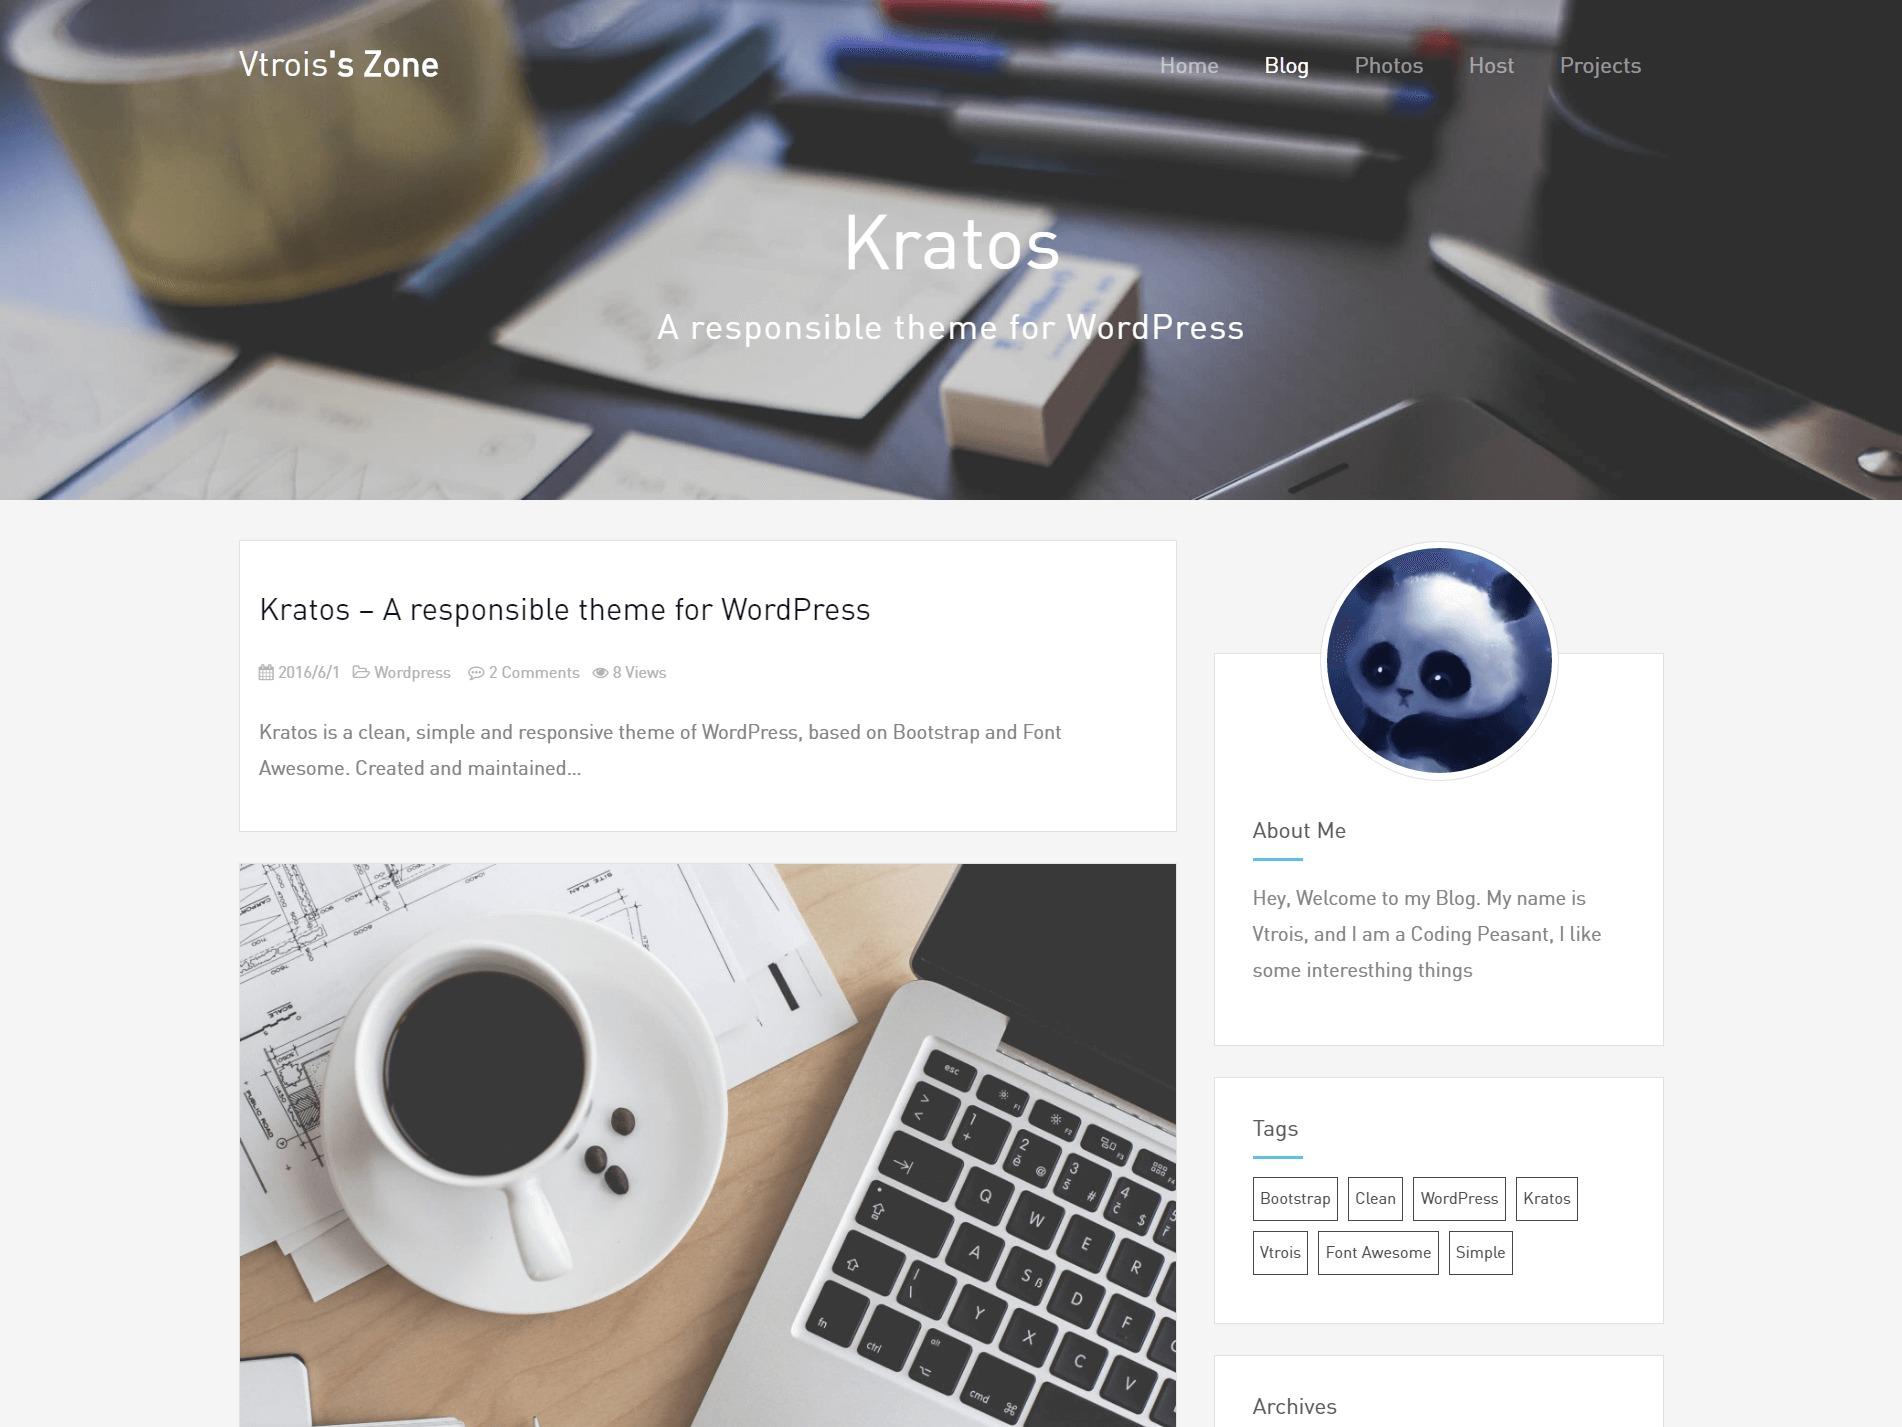 Kratos WordPress theme